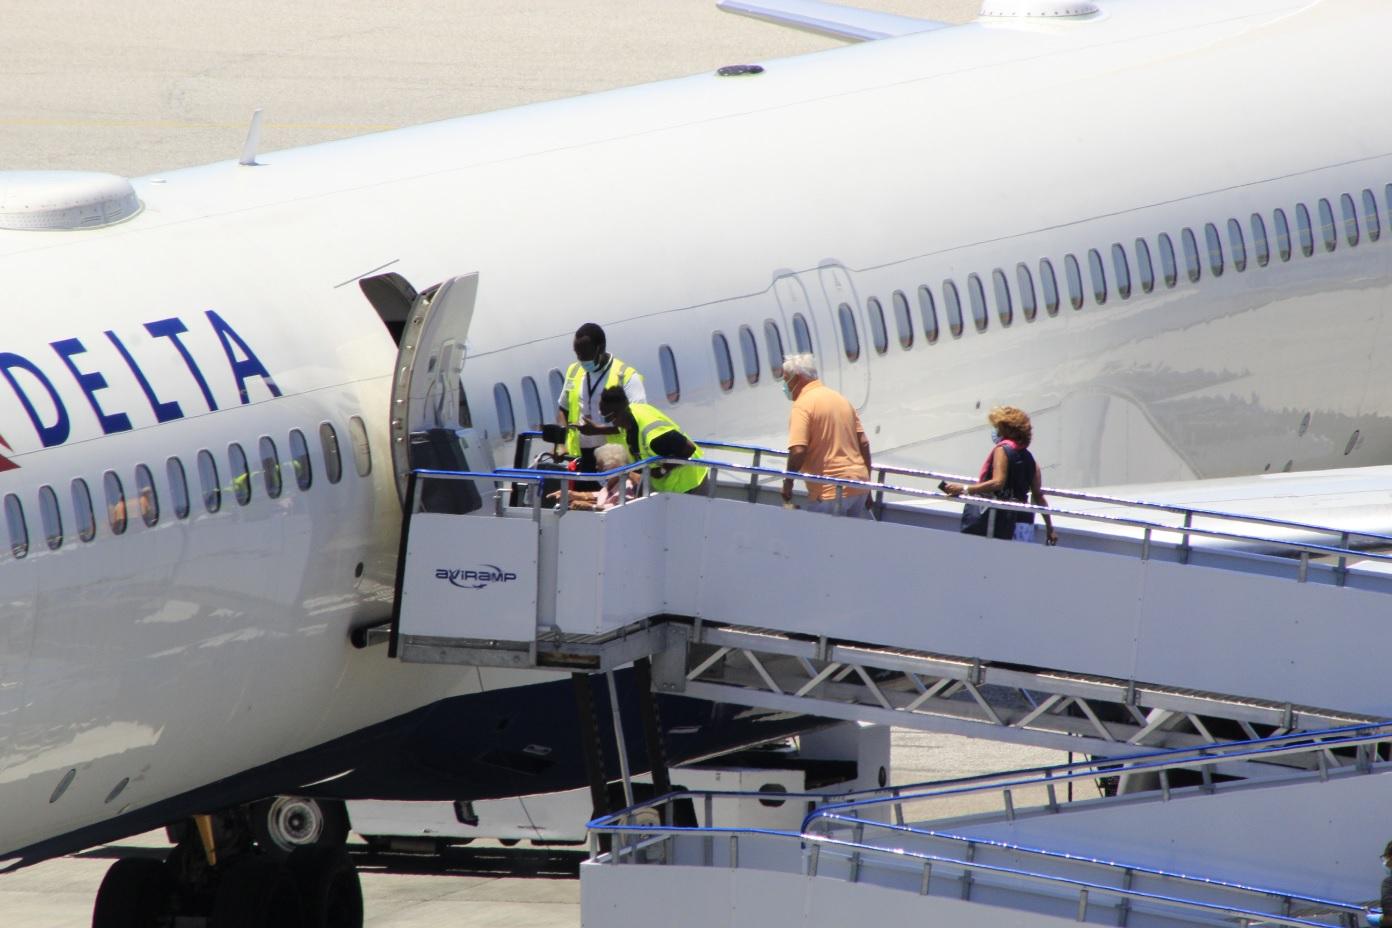 Delta Airlines Repatriation Flight Pax Boarding 14 May 2020